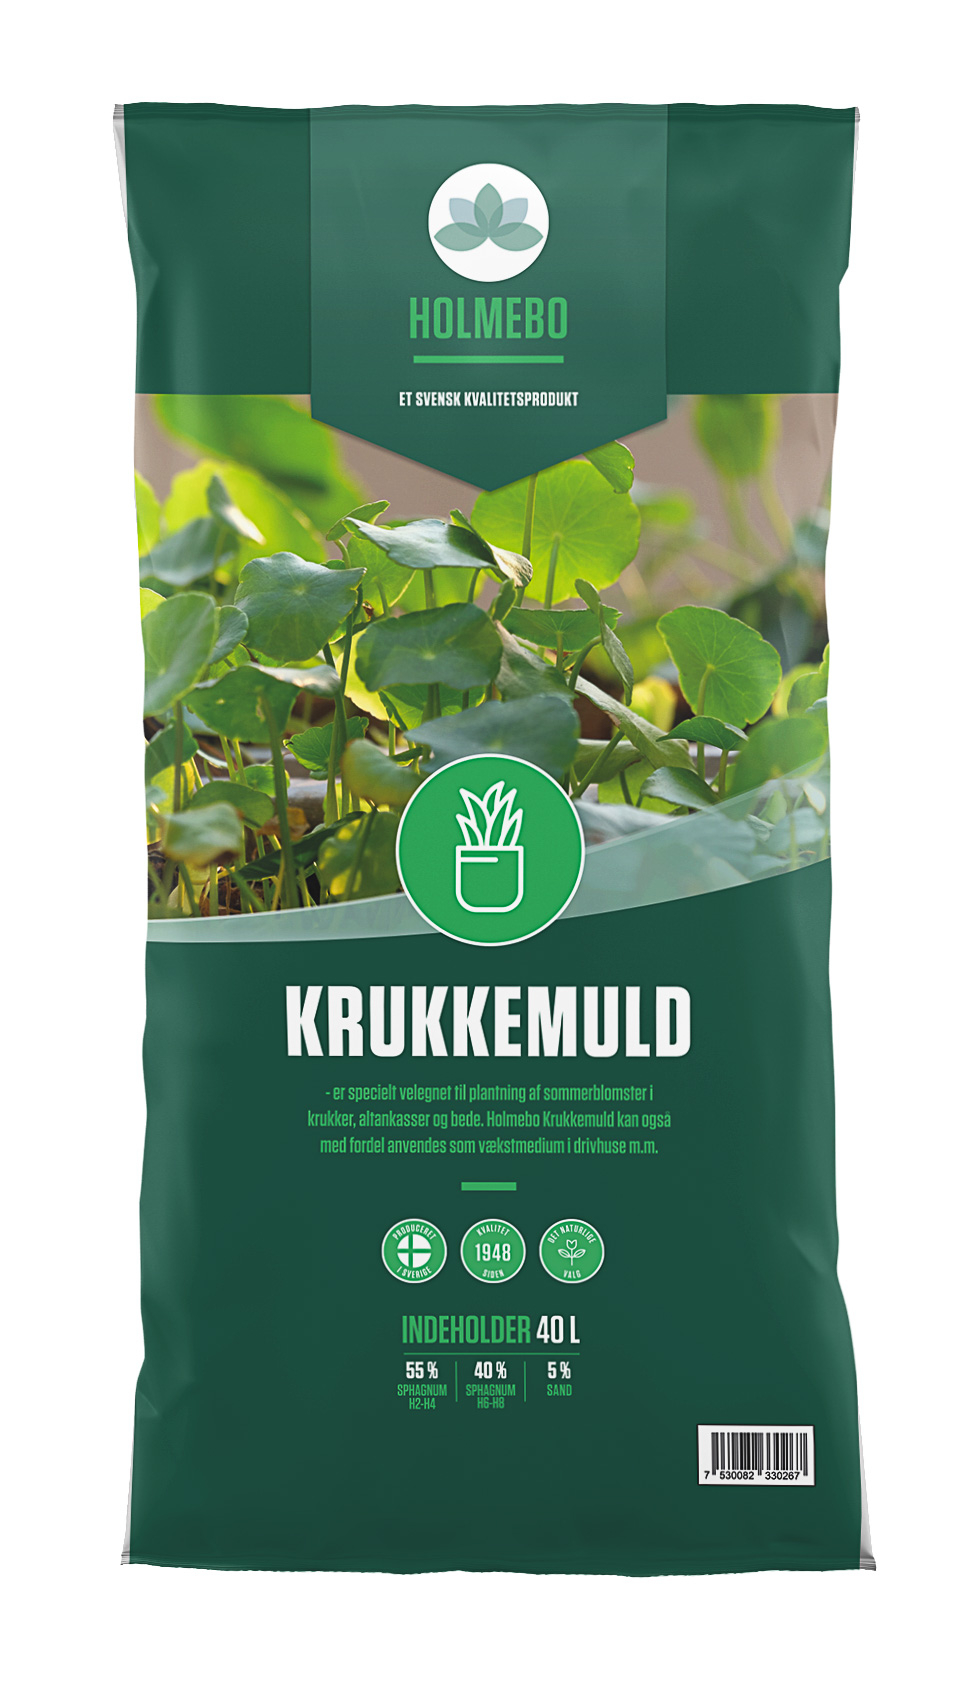 Holmebo Krukkemuld - Pose á 40 liter